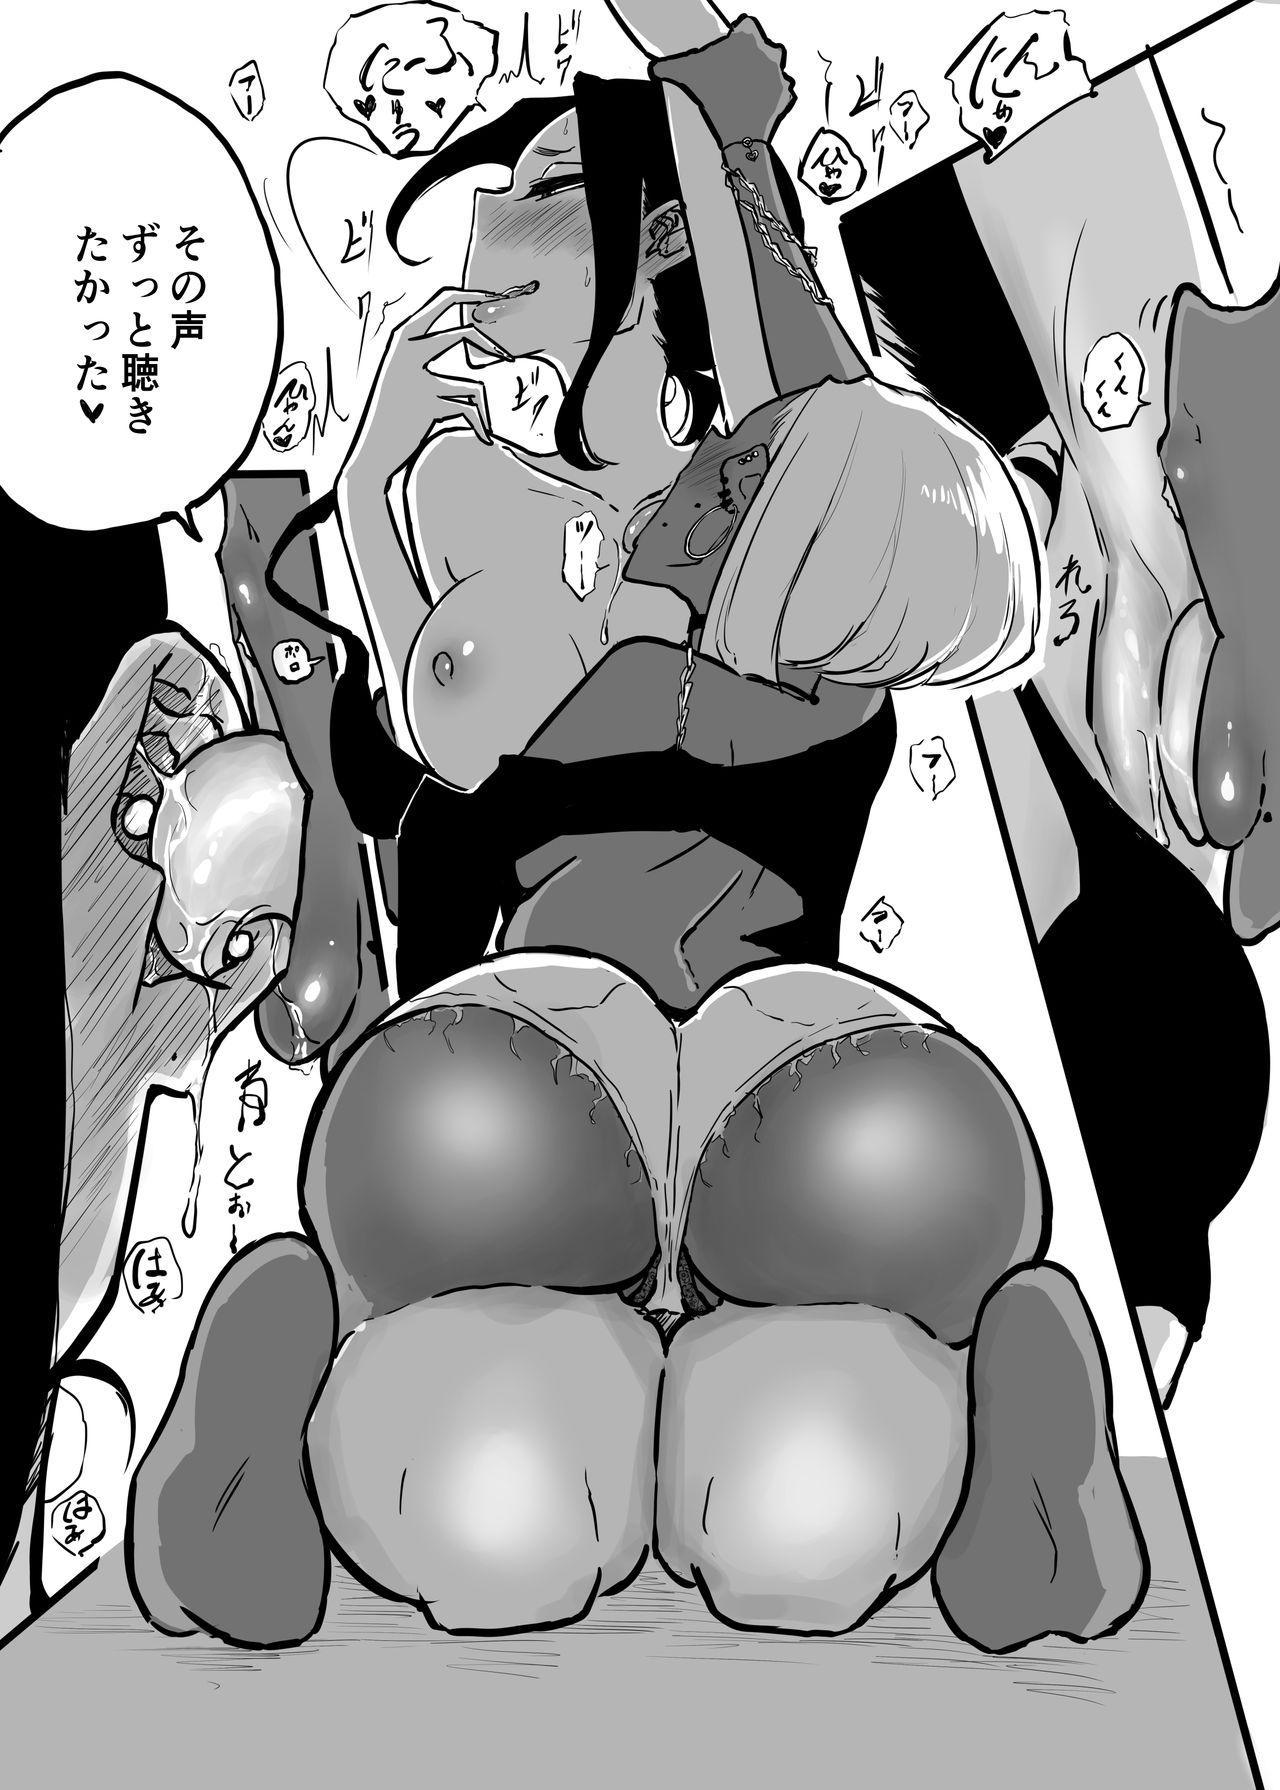 Sparta Sensei ga Oshiego no Bitch Gal ni Ecchi na Koto Sareru Hanashi 2 19